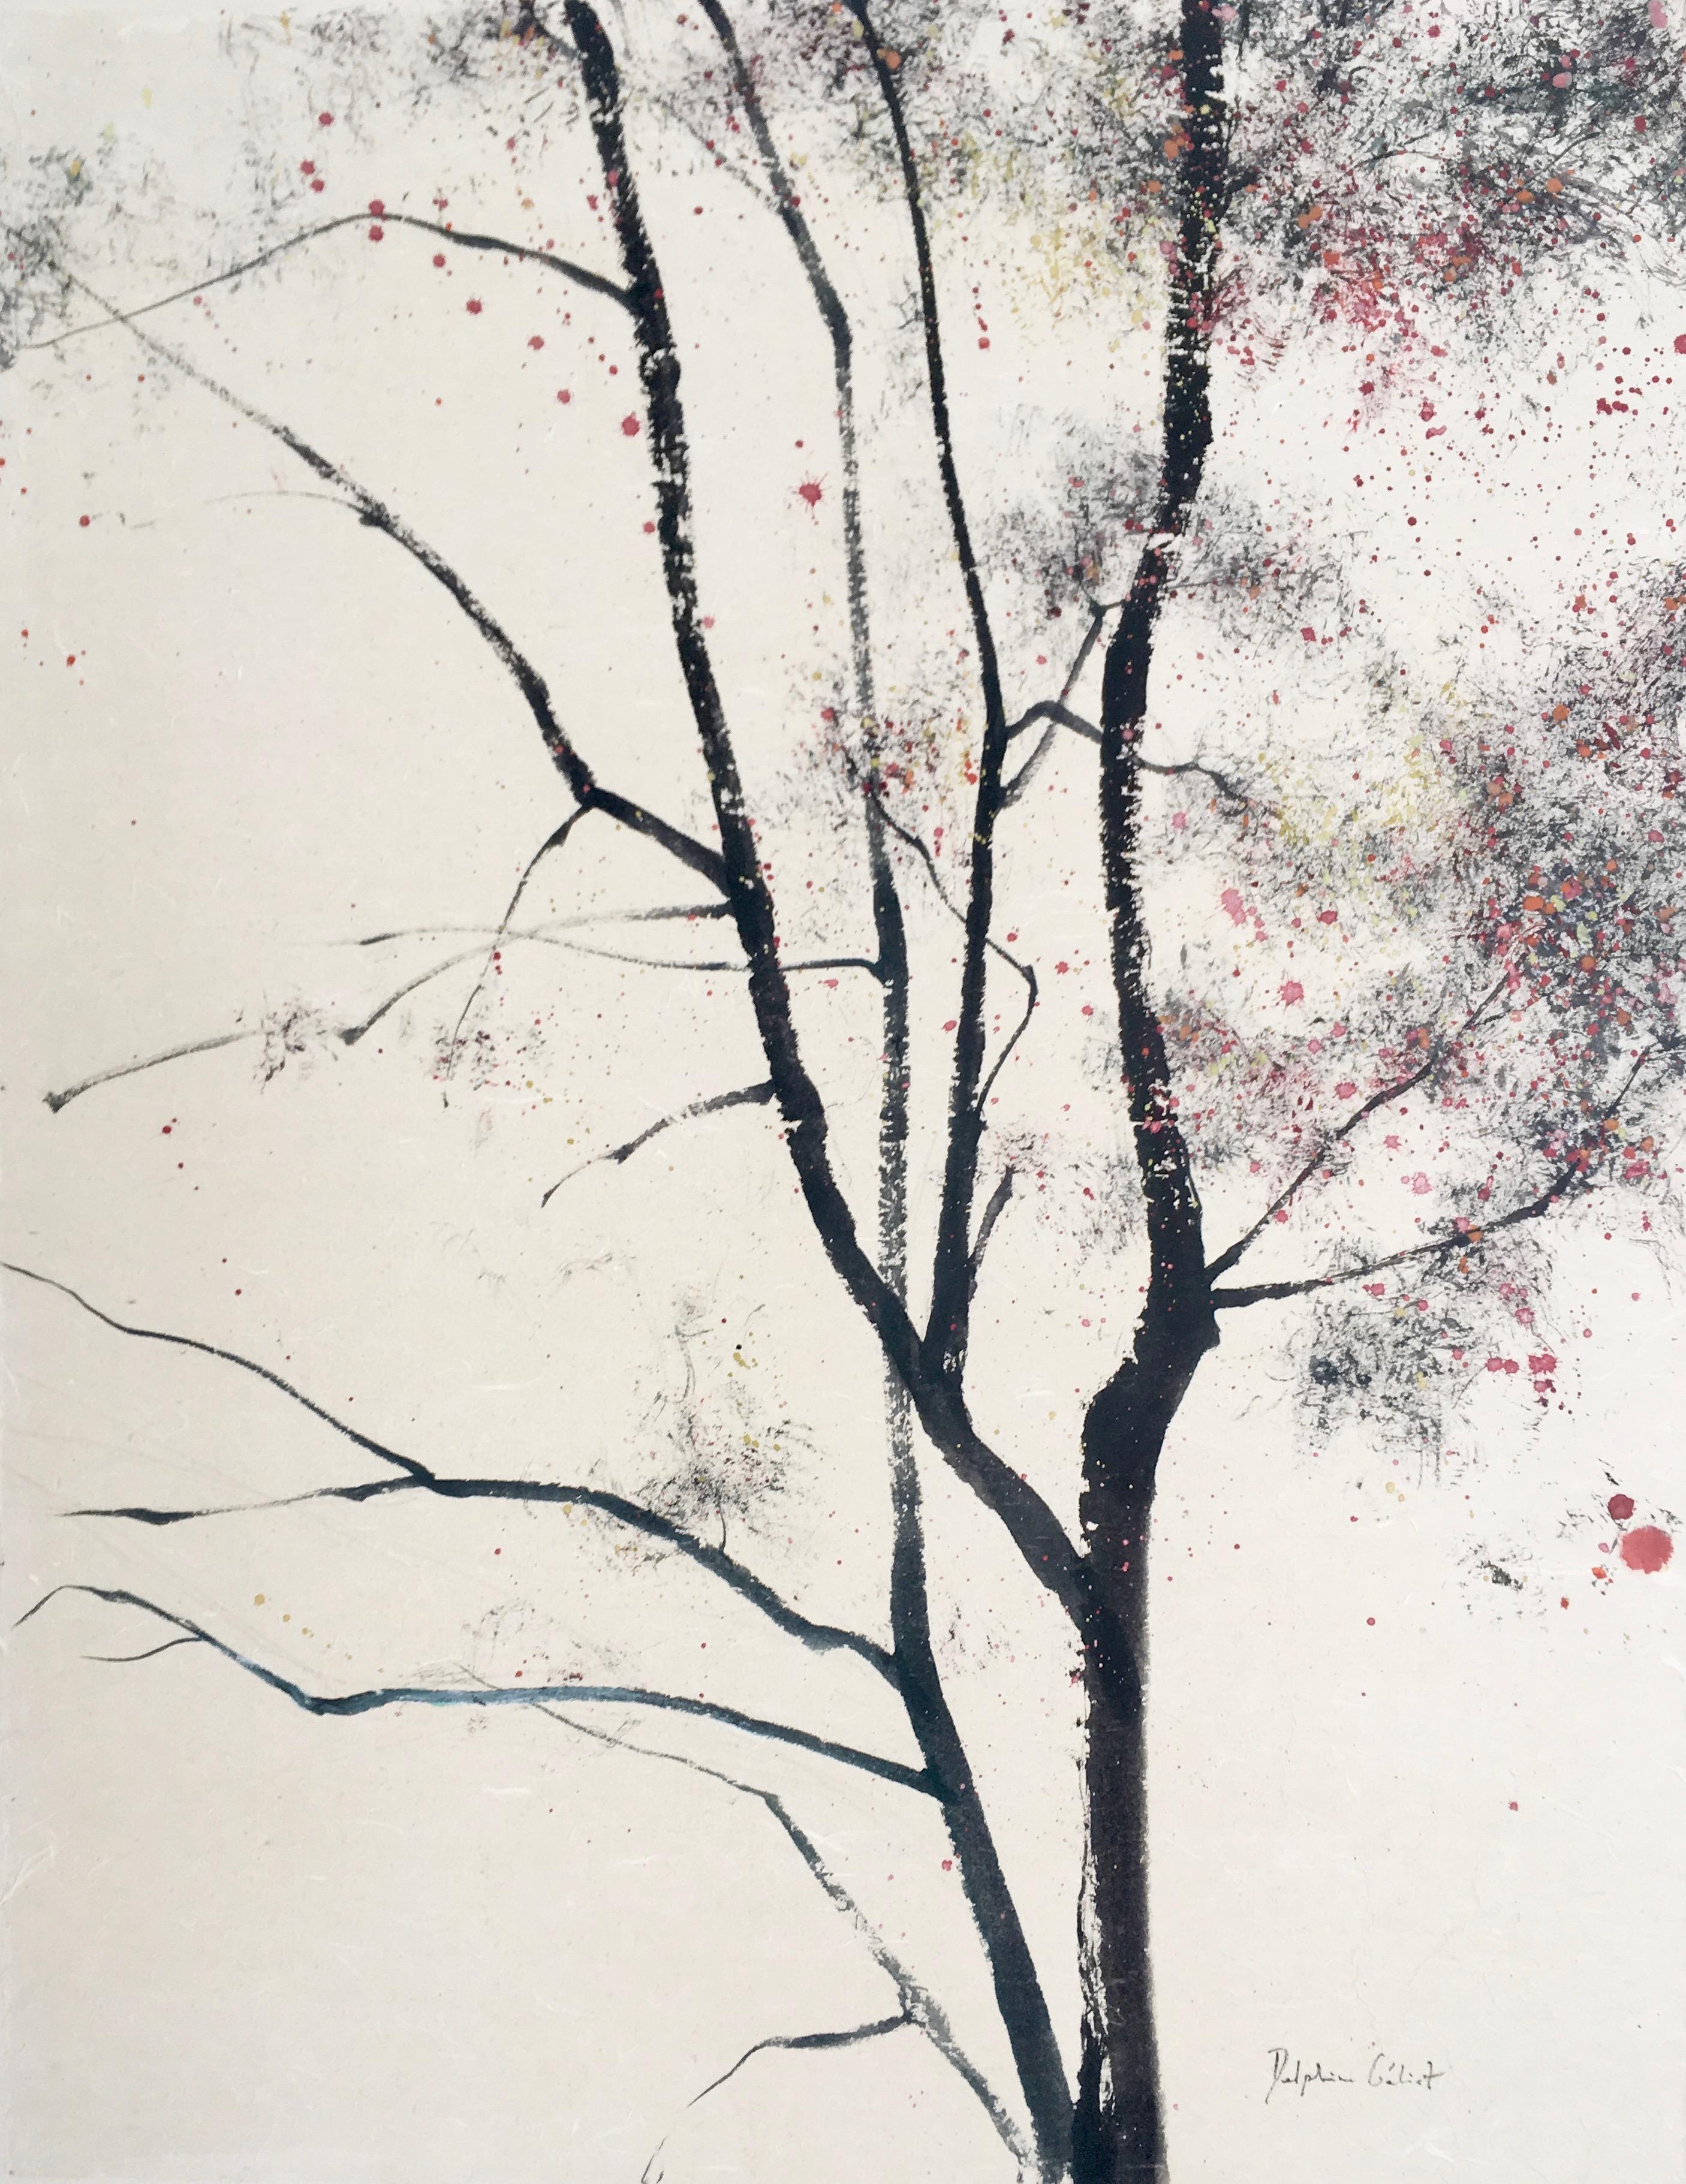 Peinture Encre de Chine et pigments